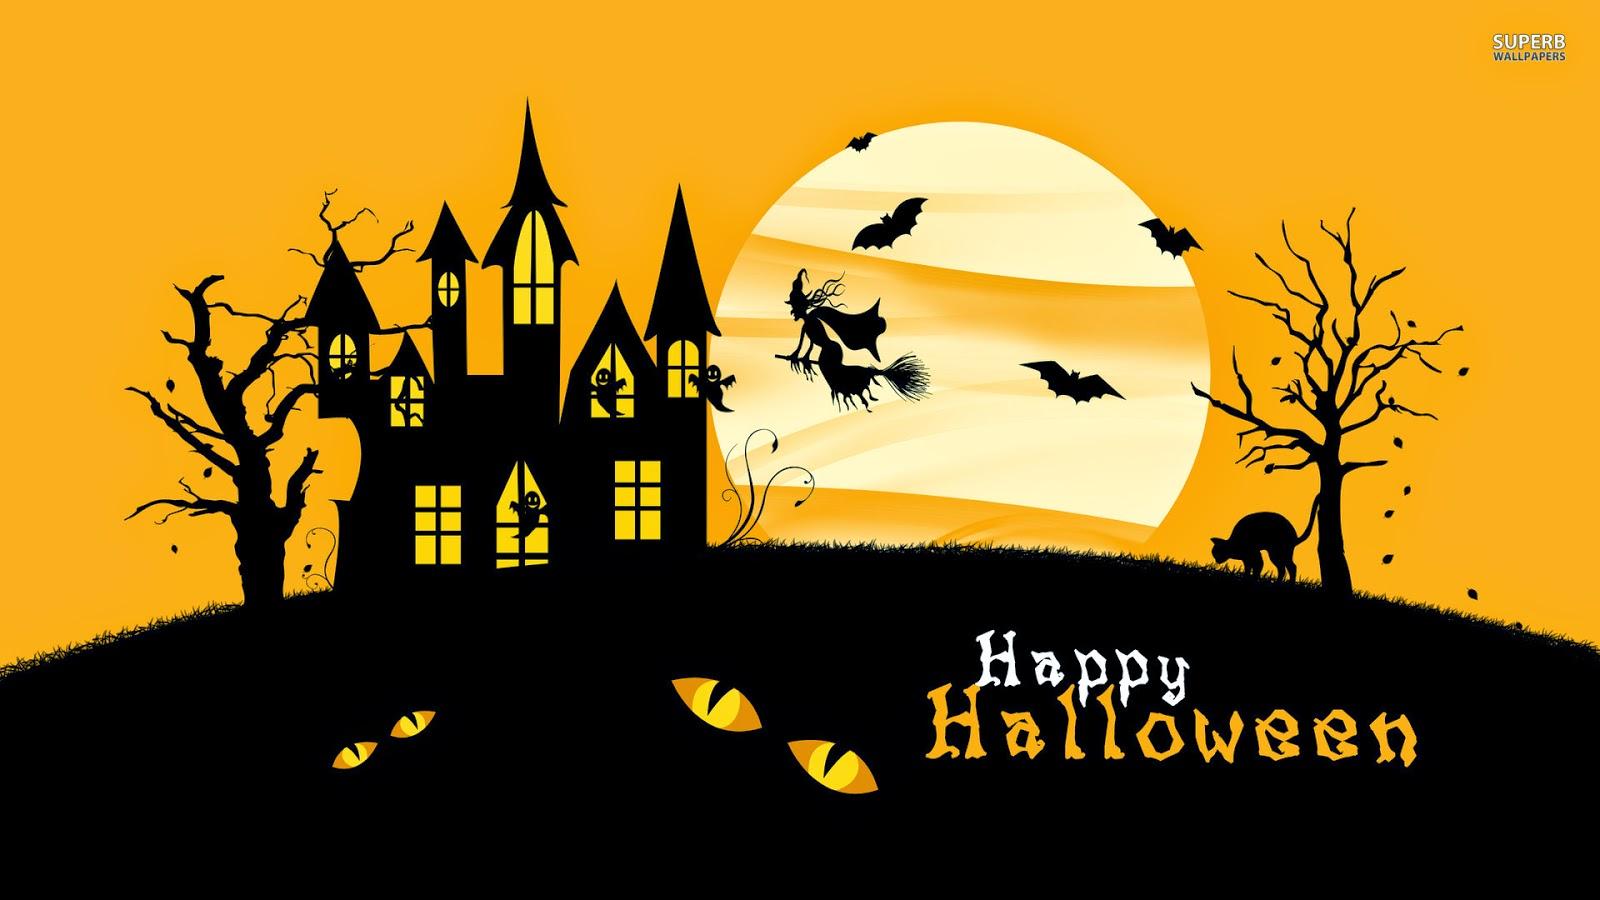 http://angles365.com/classroom/halloween2014.htm